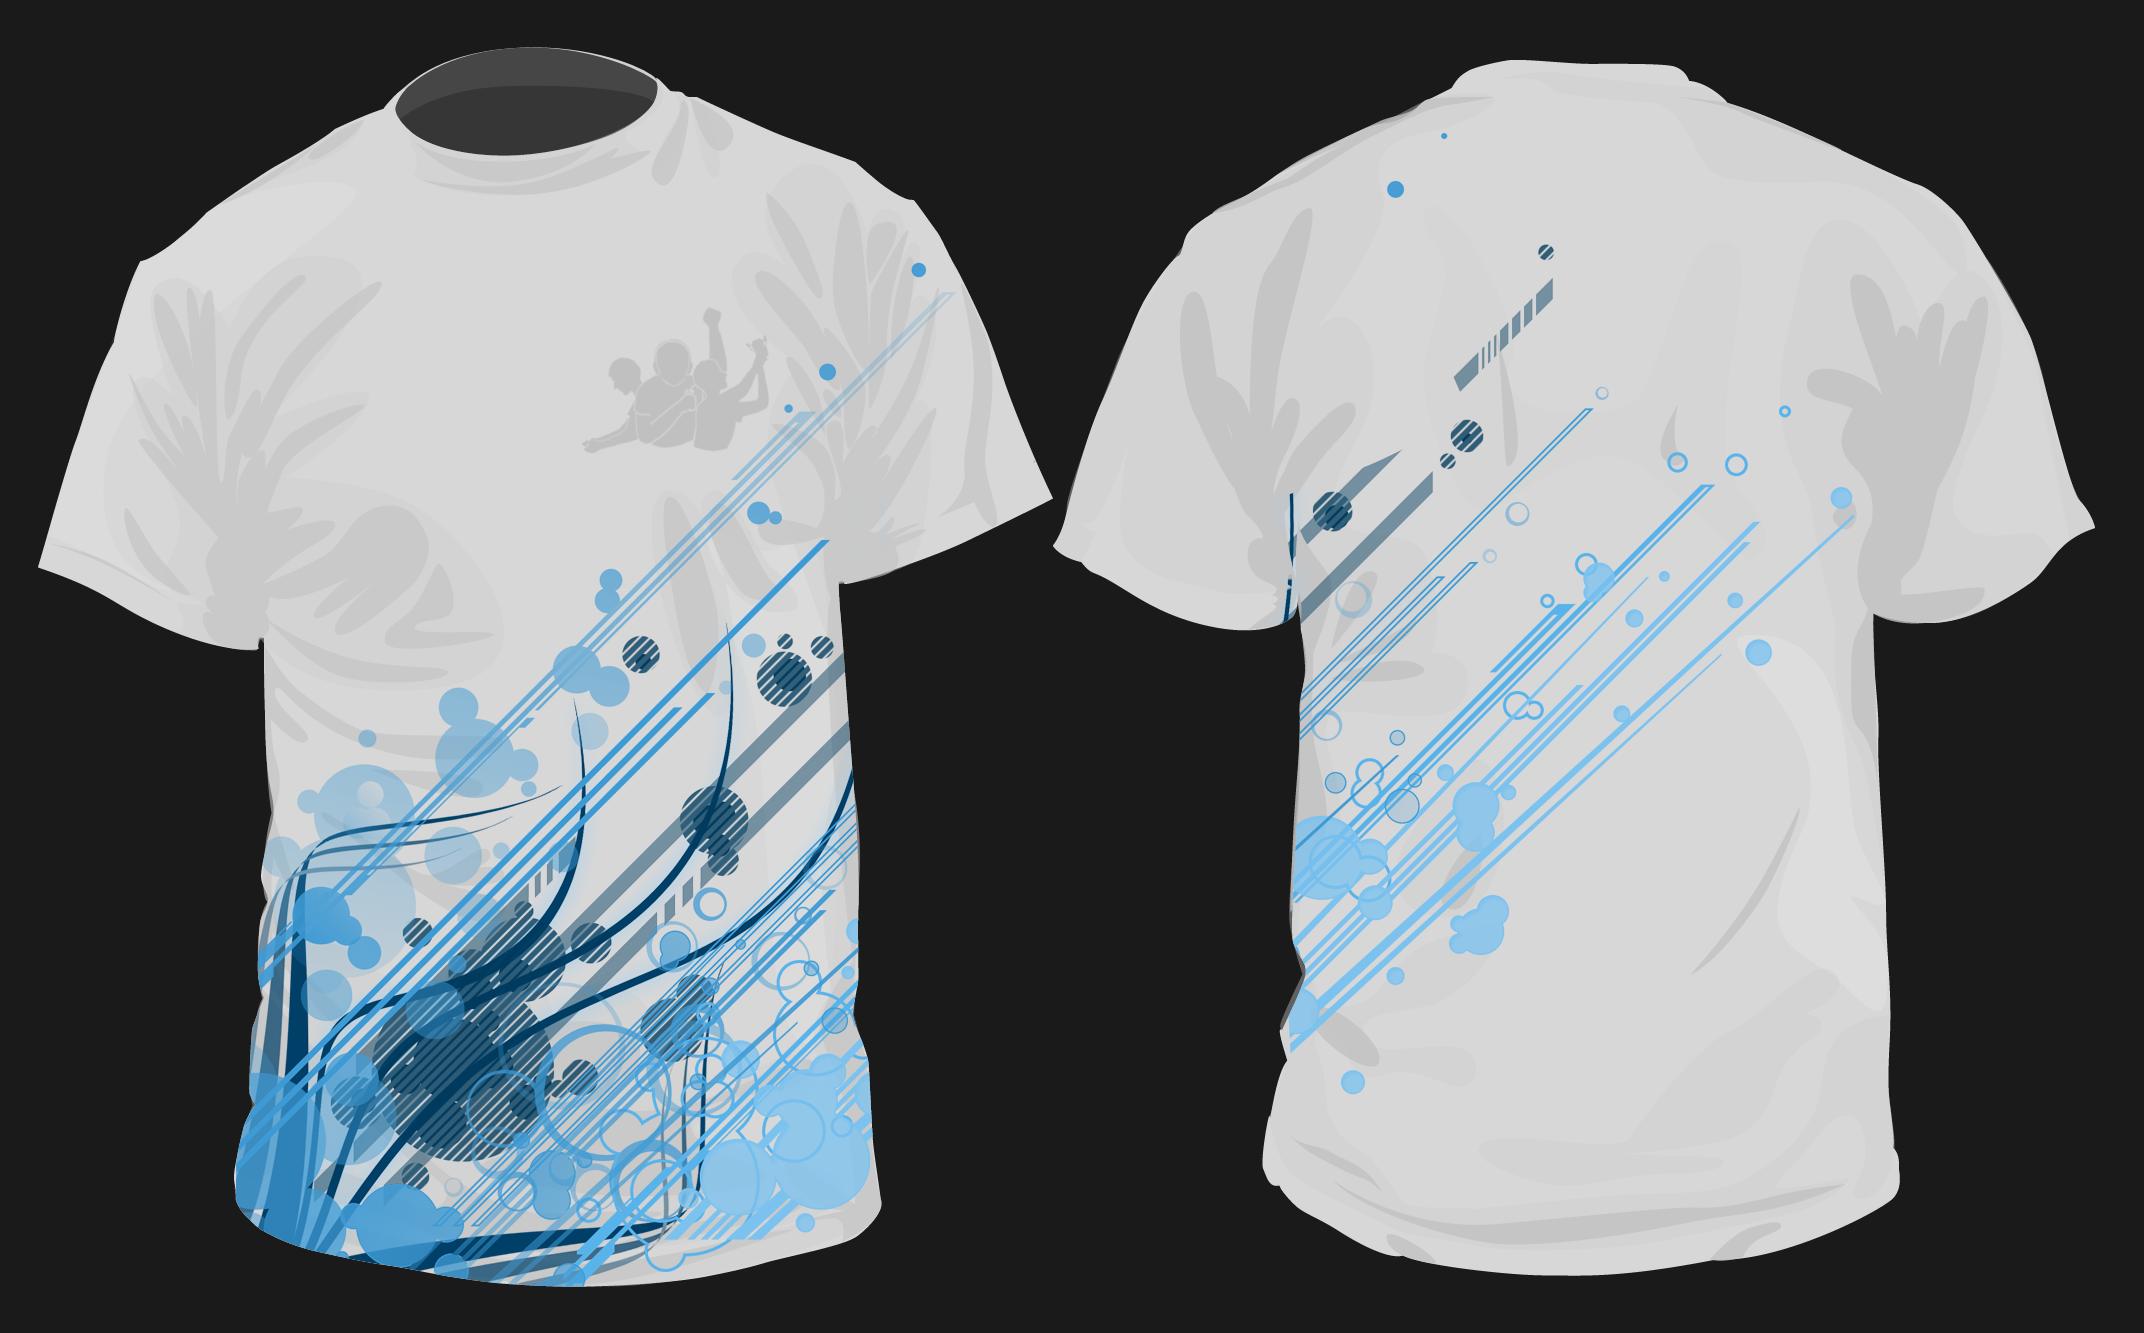 T Shirt Designs 2012: Tshirt Designs